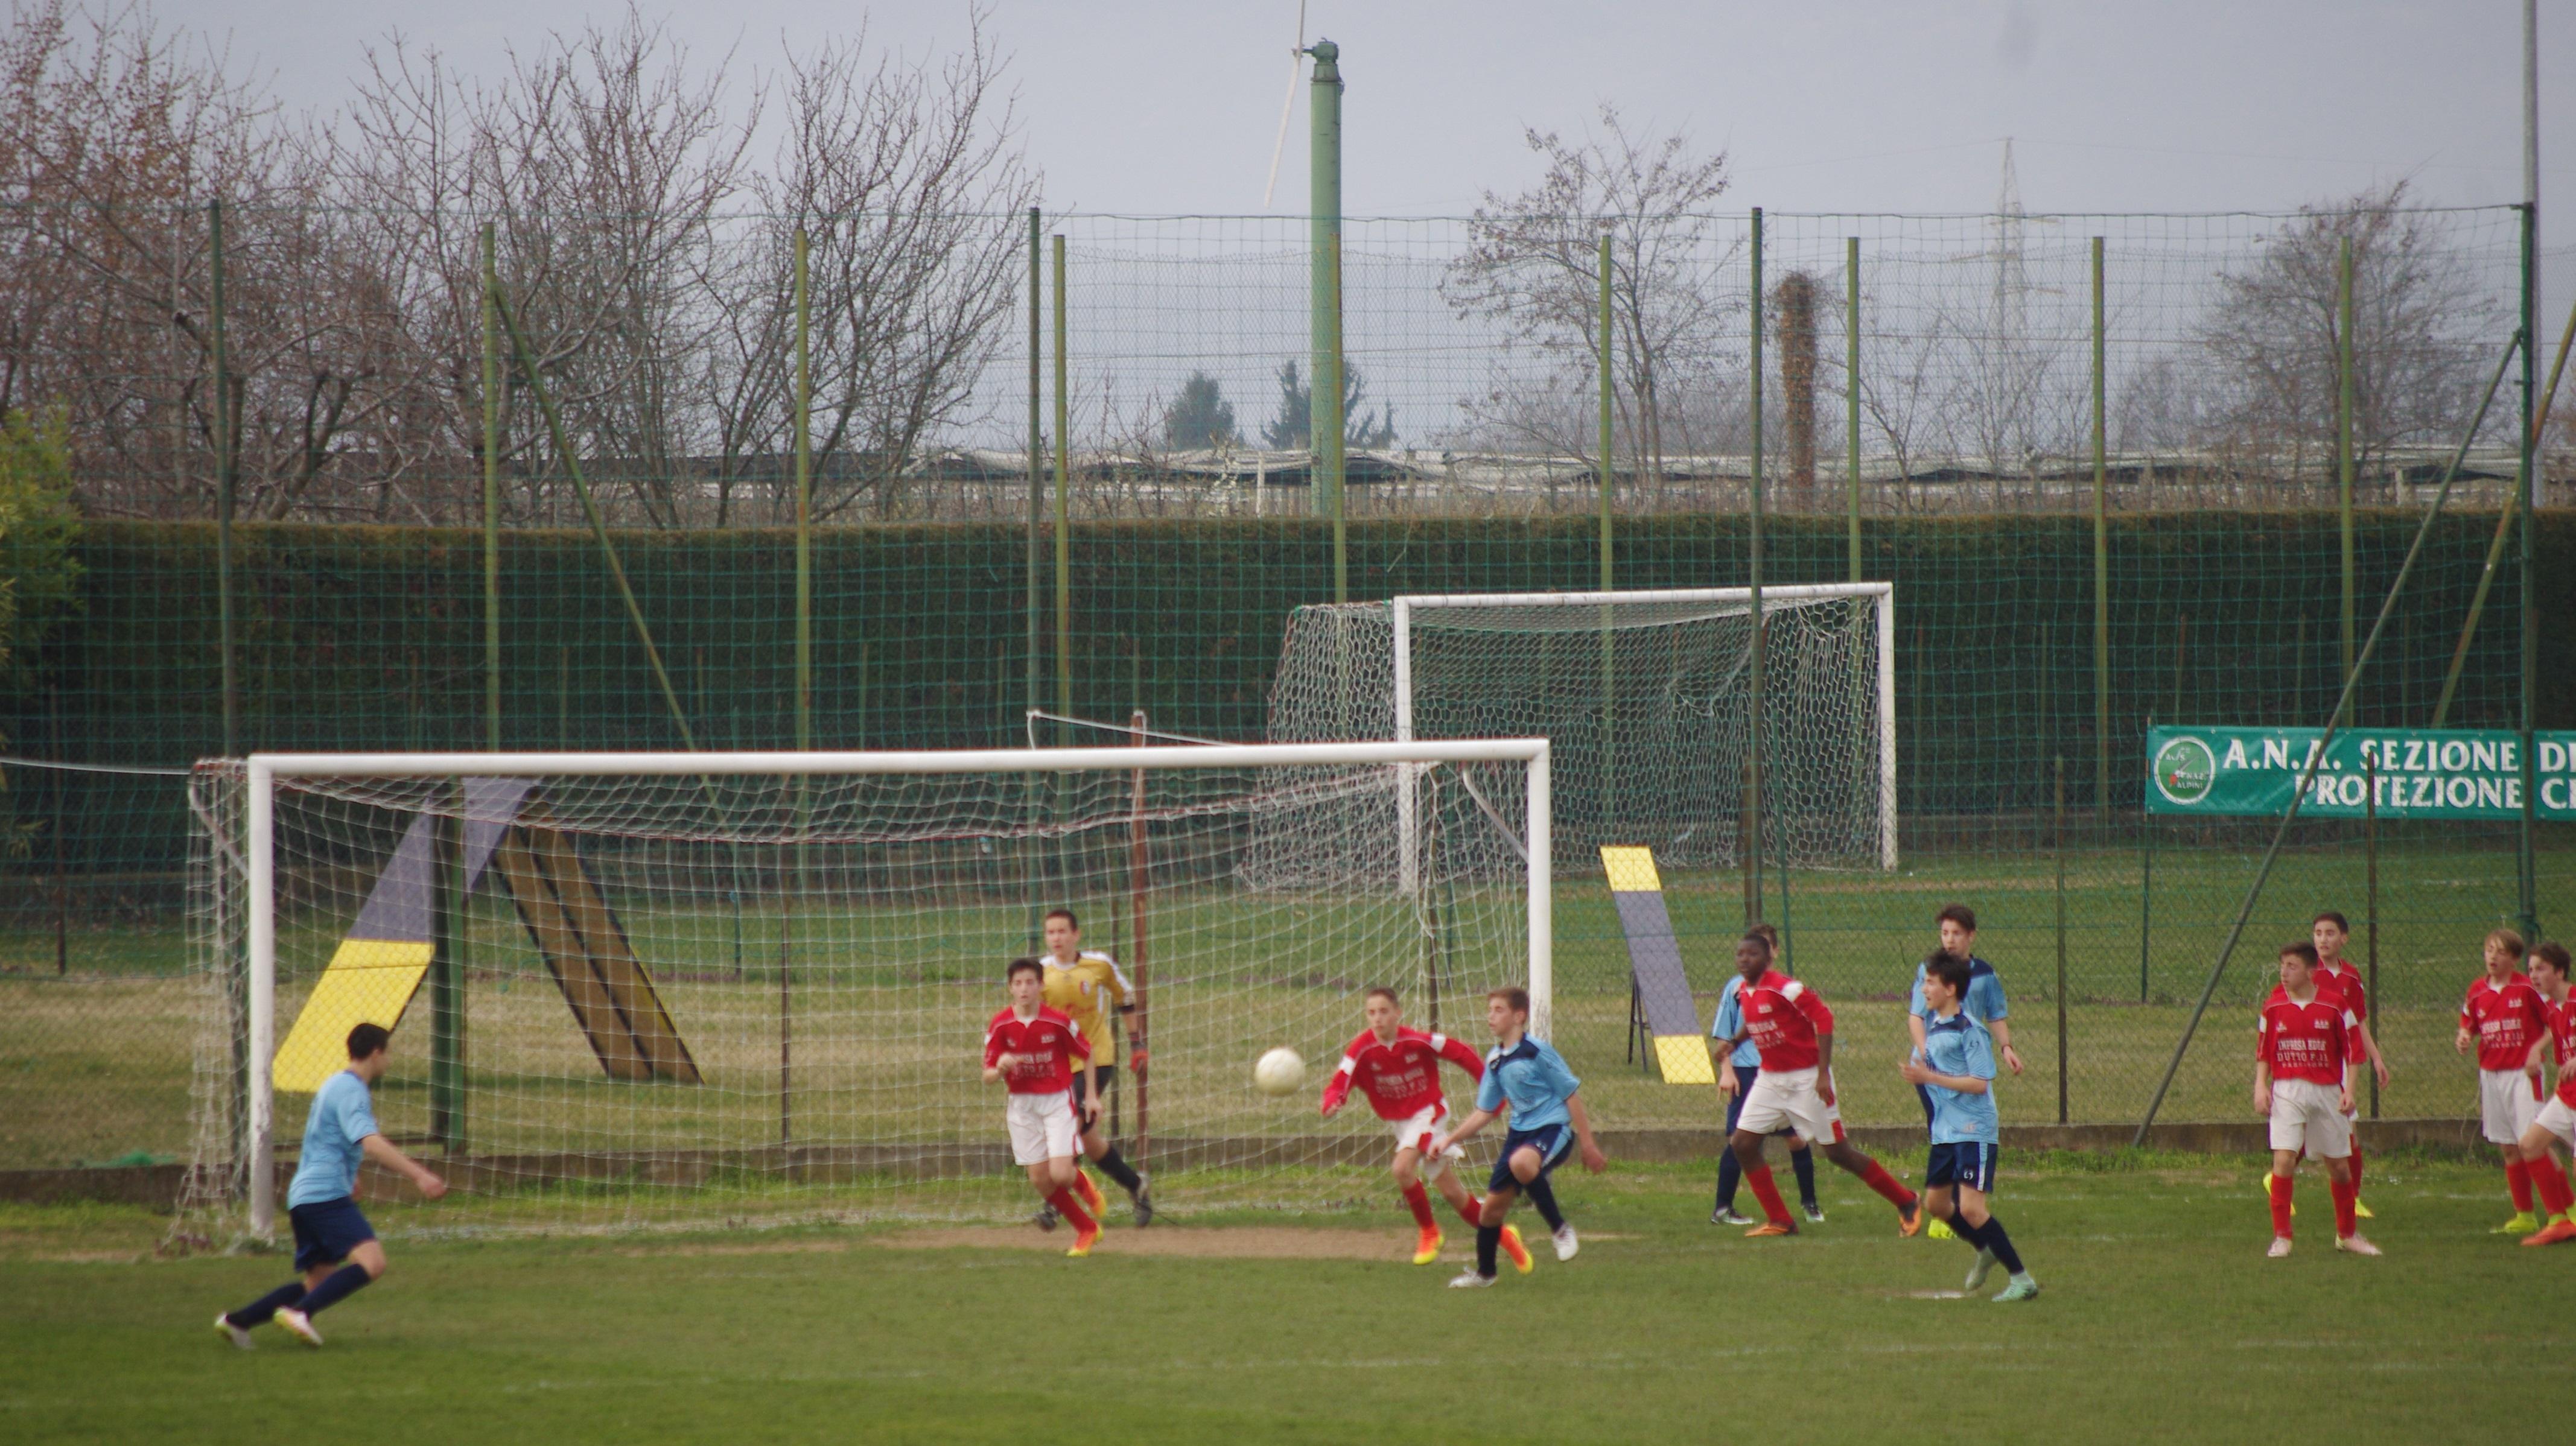 La Guida - Calcio giovanile: i risultati del fine settimana